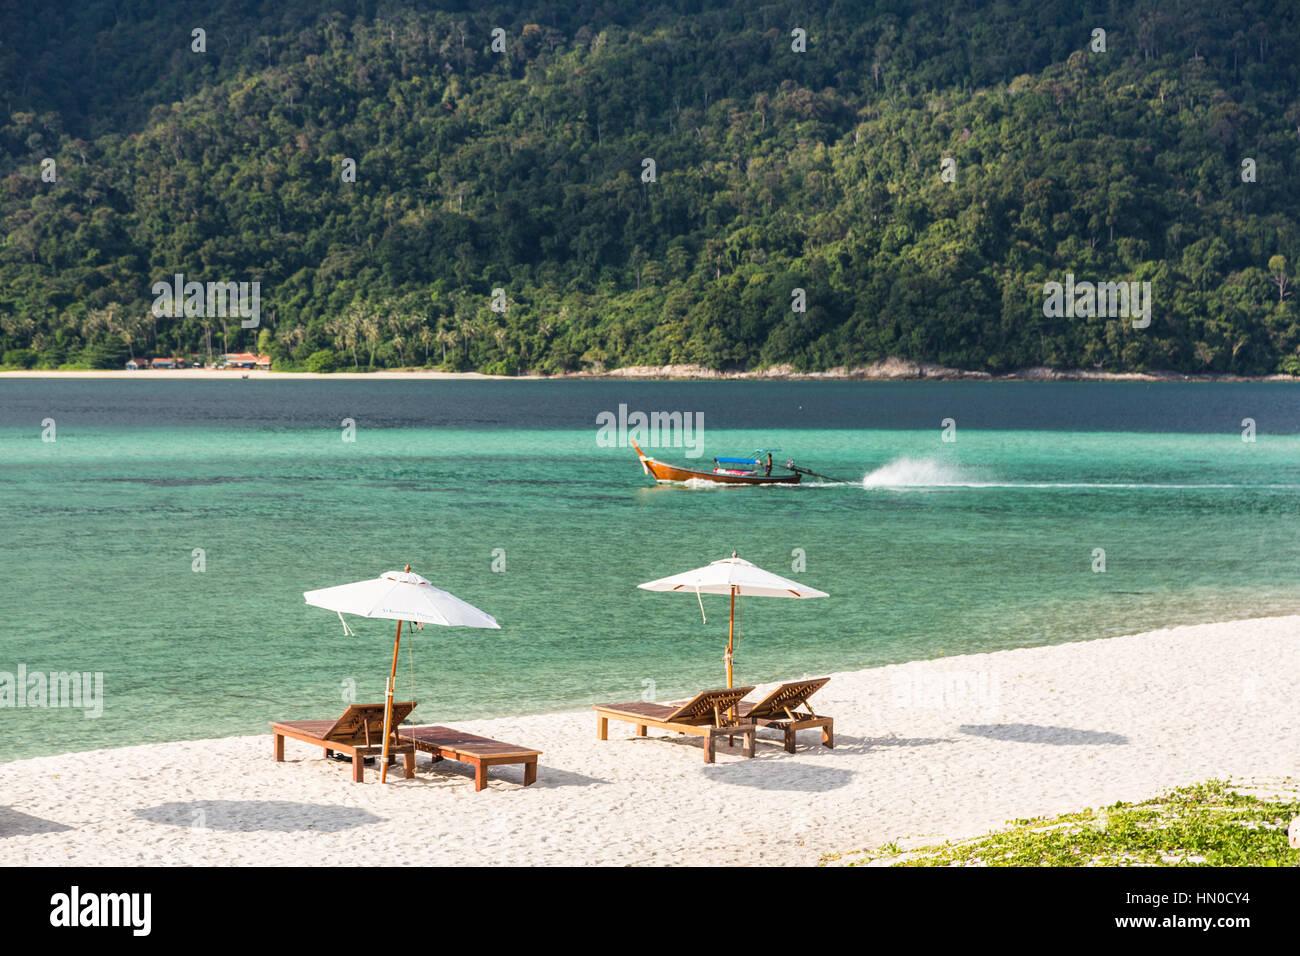 Idílica playa de arena blanca con sillas y sombrilla larga en Koh Lipe isla en el sur de Tailandia en el mar Imagen De Stock